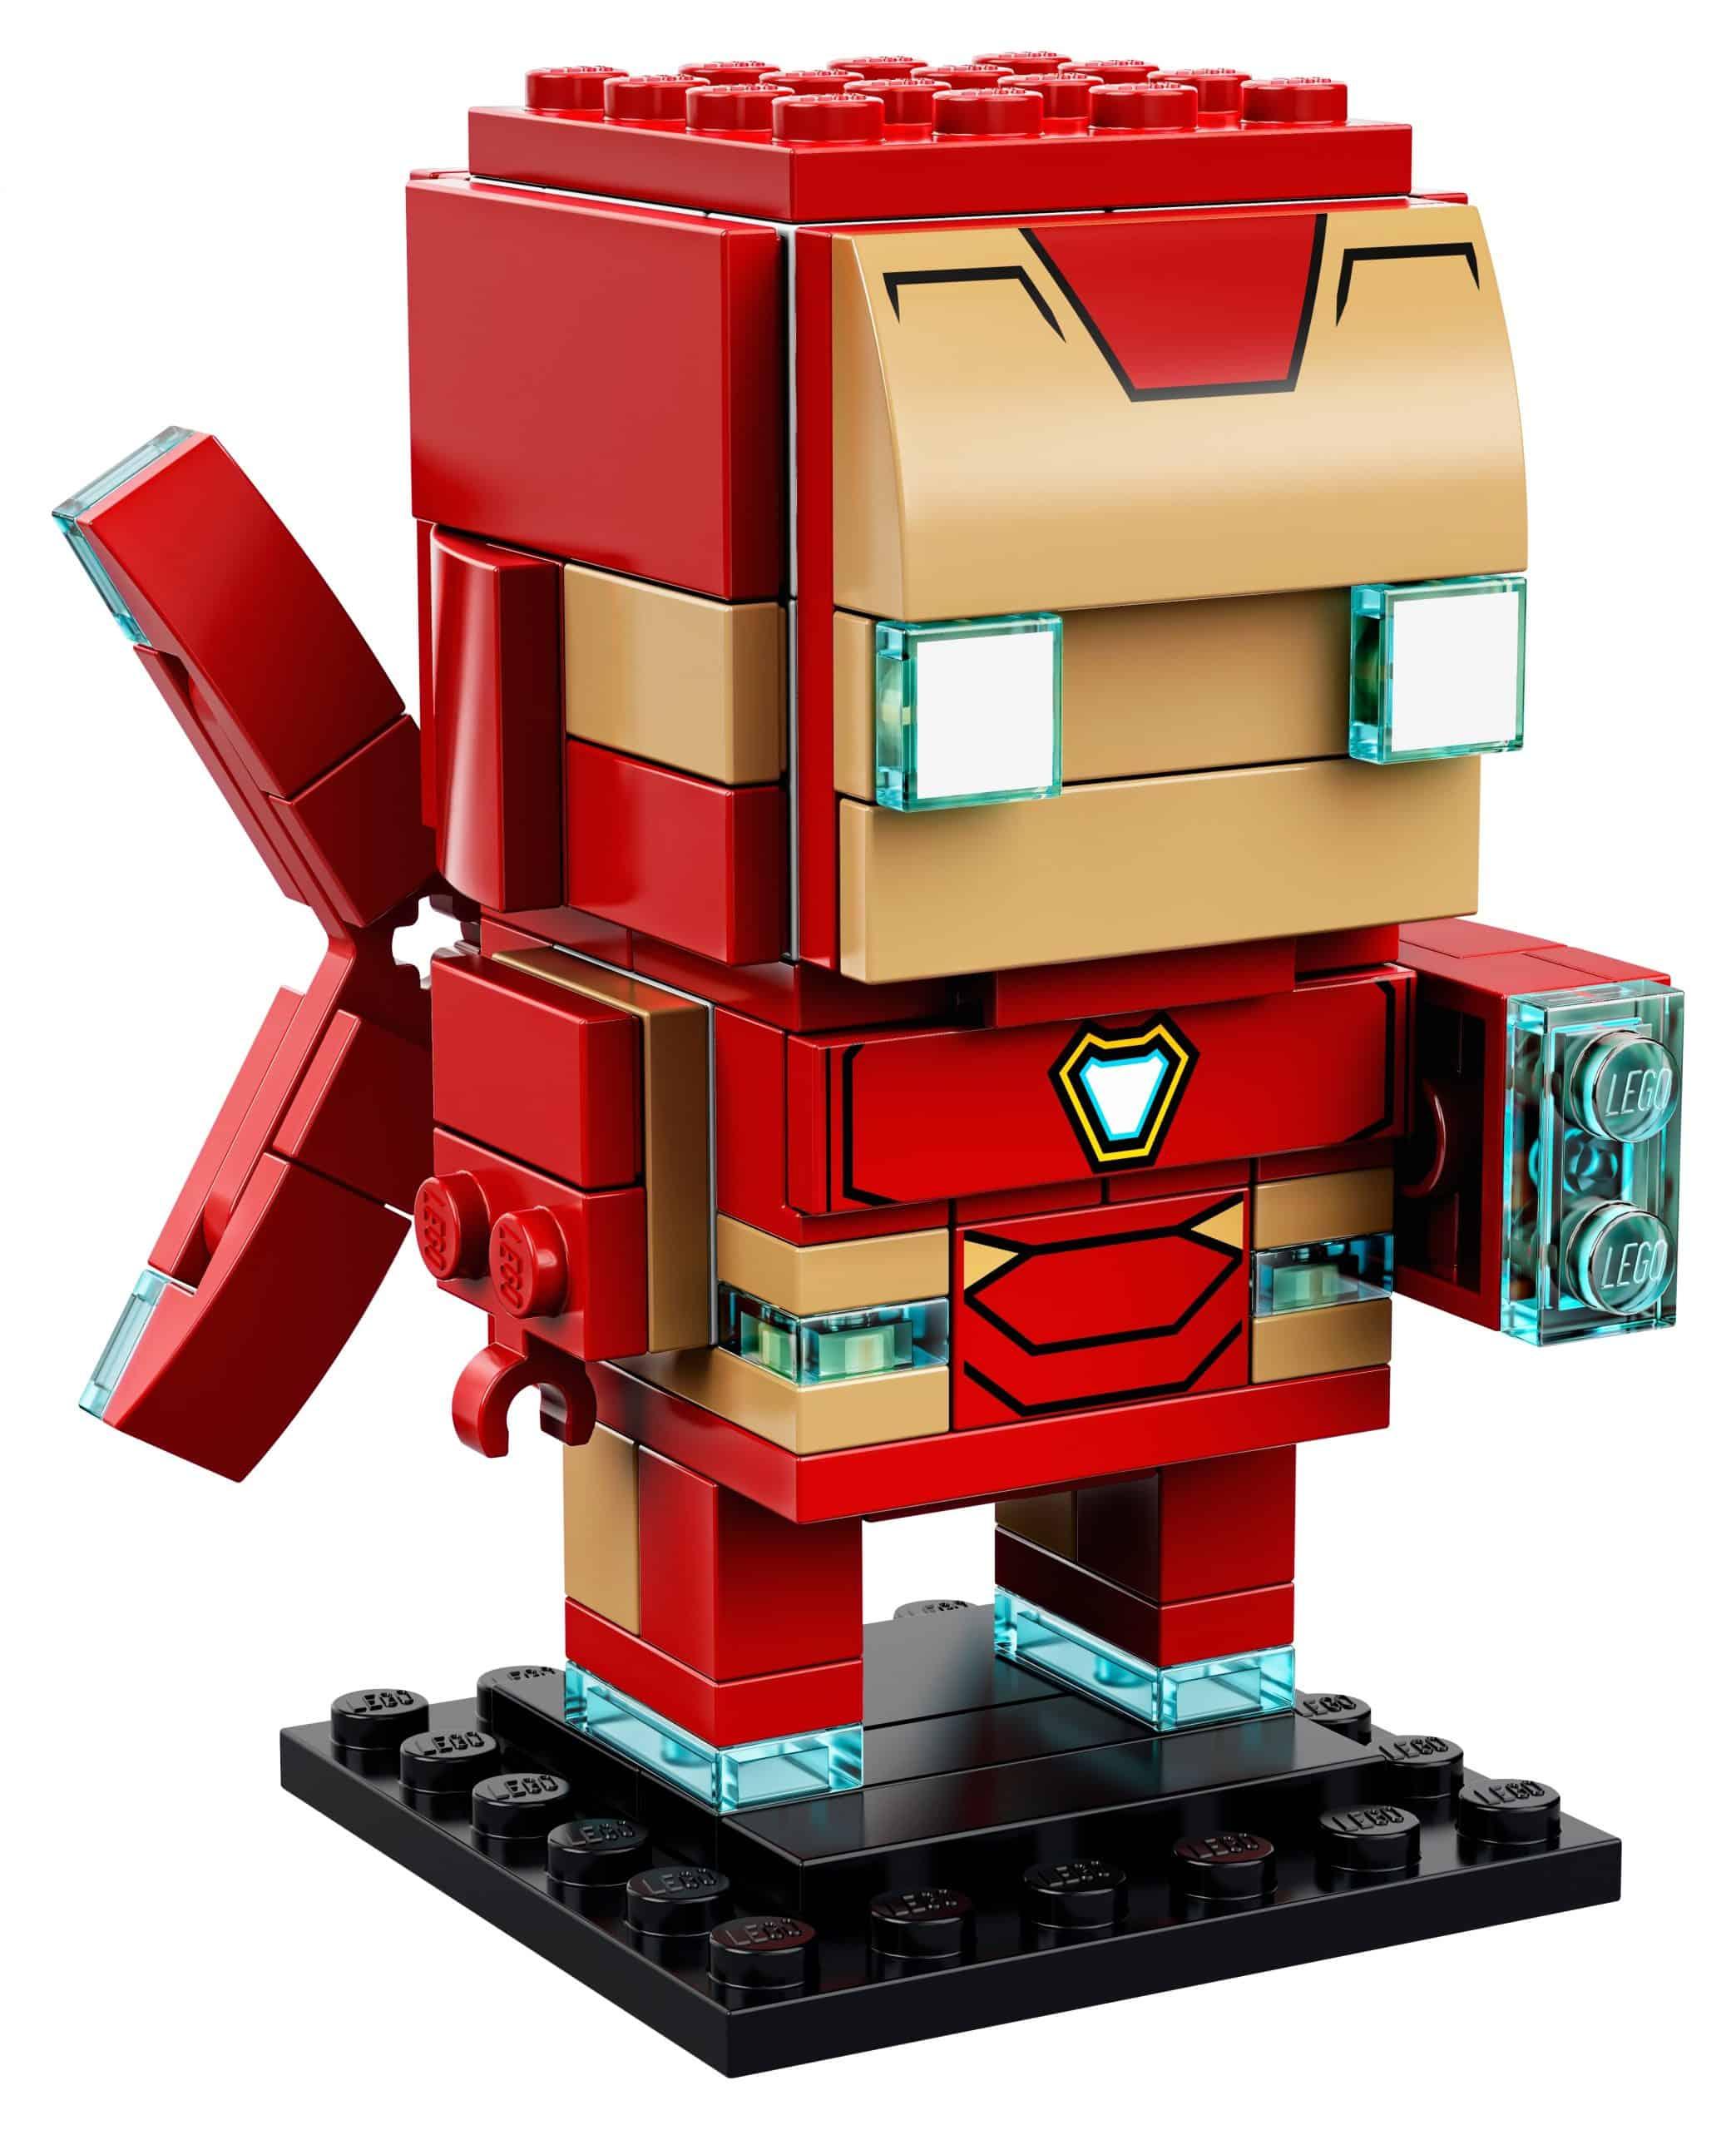 lego iron man mk50 41604 scaled